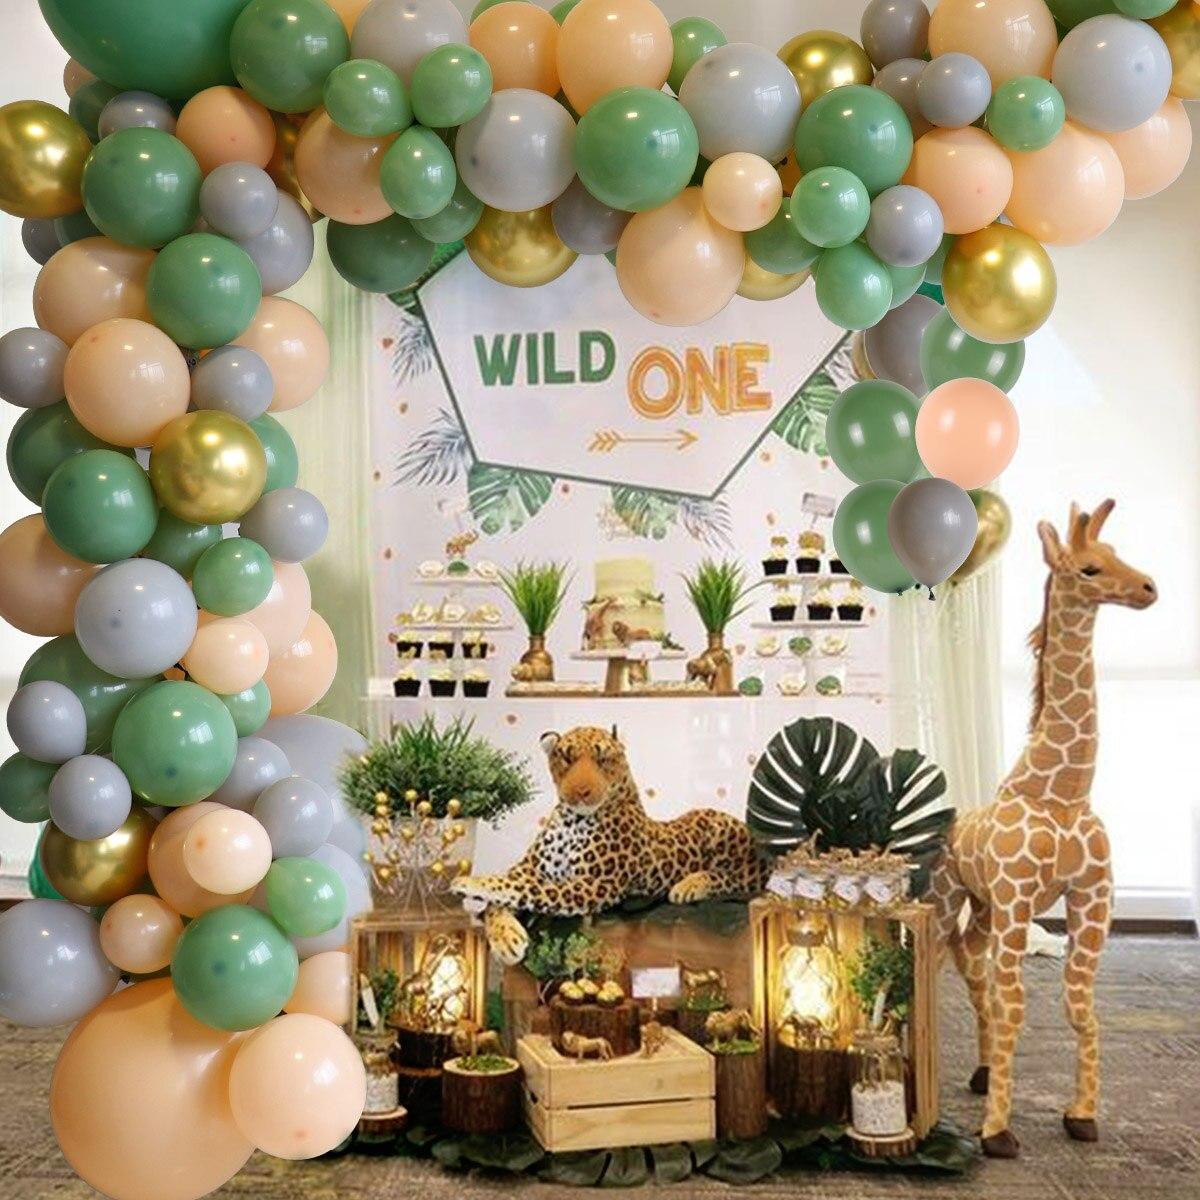 Wayfun 152pcs Avocado Green Balloon Garland Arch Birthday Party Decoration Baby Shower Wedding Valentine Party Balloon Supplies